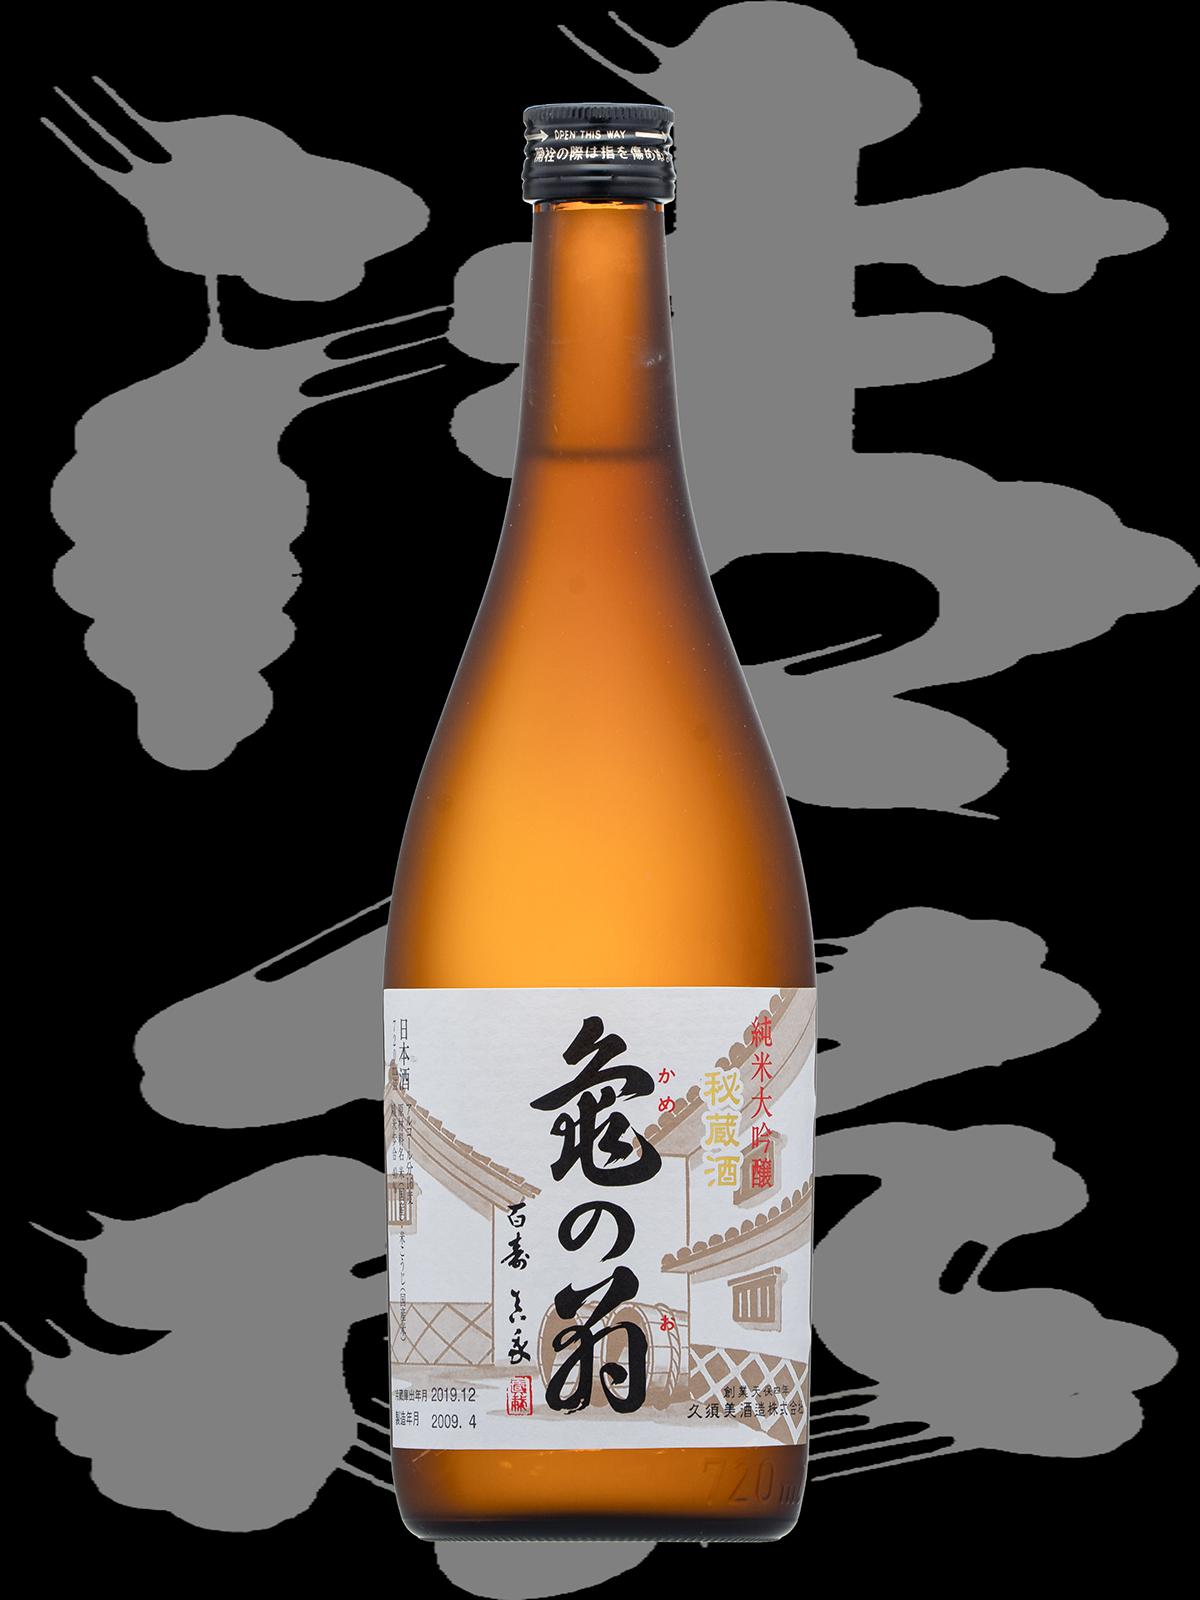 亀の翁(かめのお)「純米大吟醸」秘蔵酒